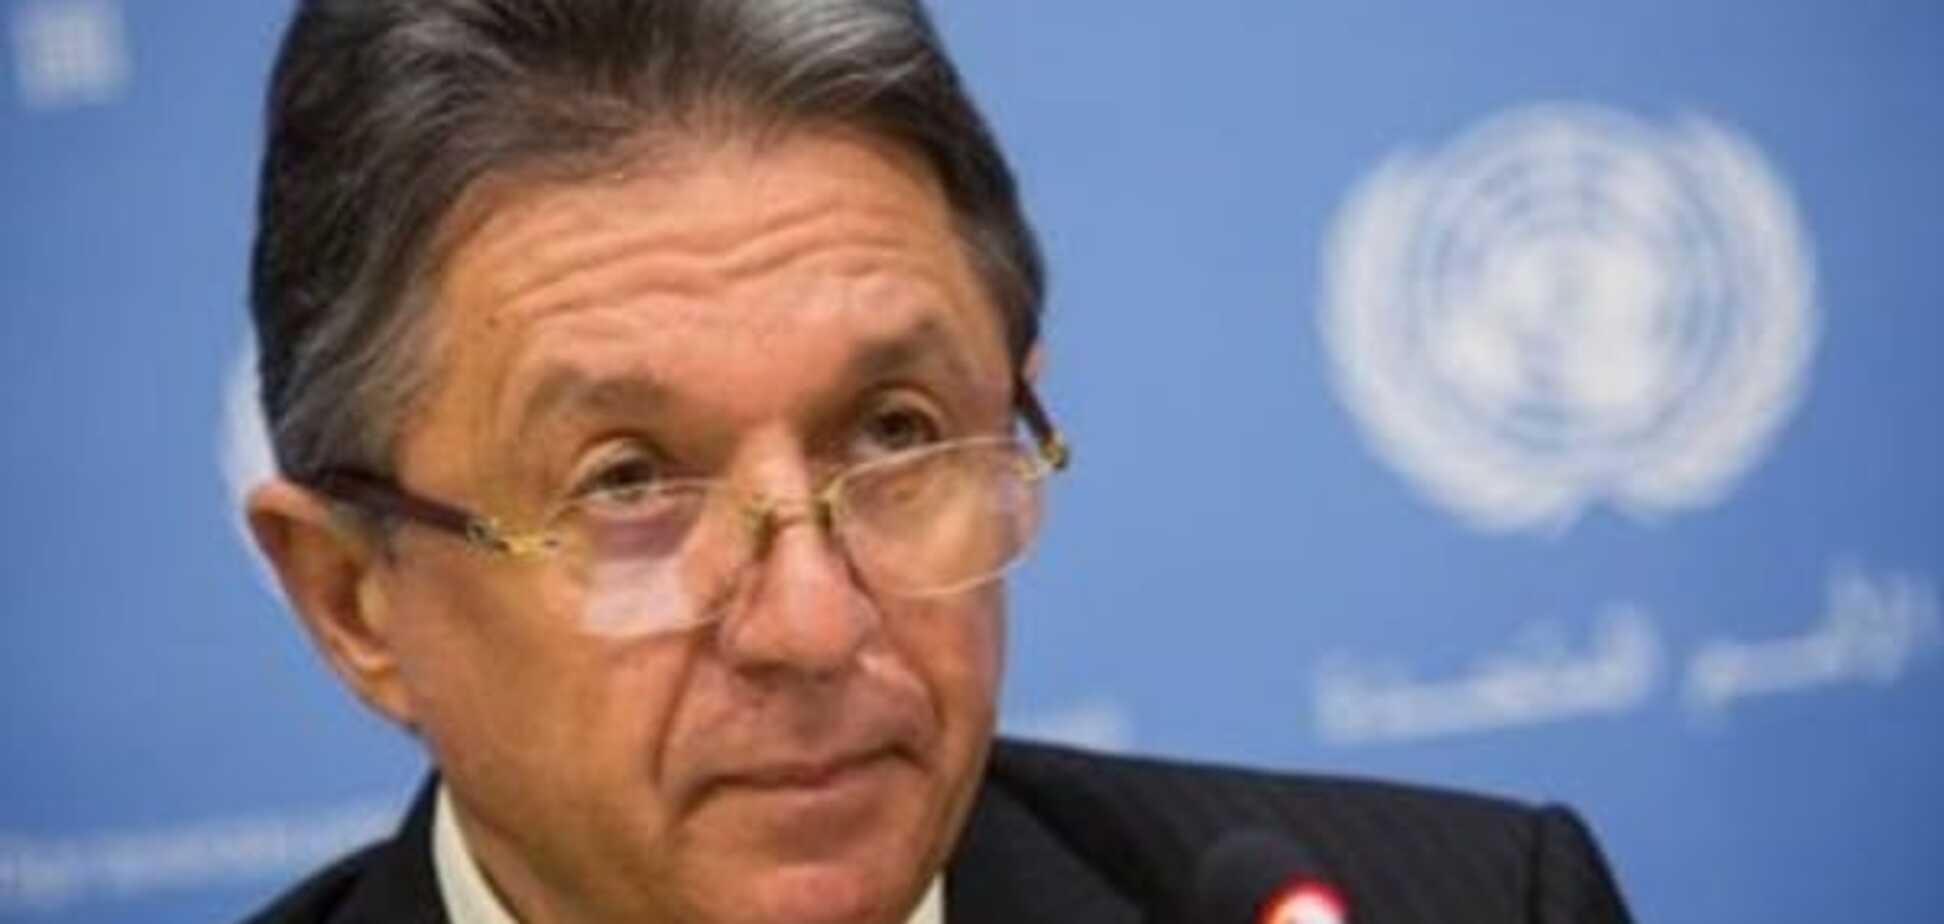 ЗМІ дізналися подробиці скандального звільнення постпреда України в ООН